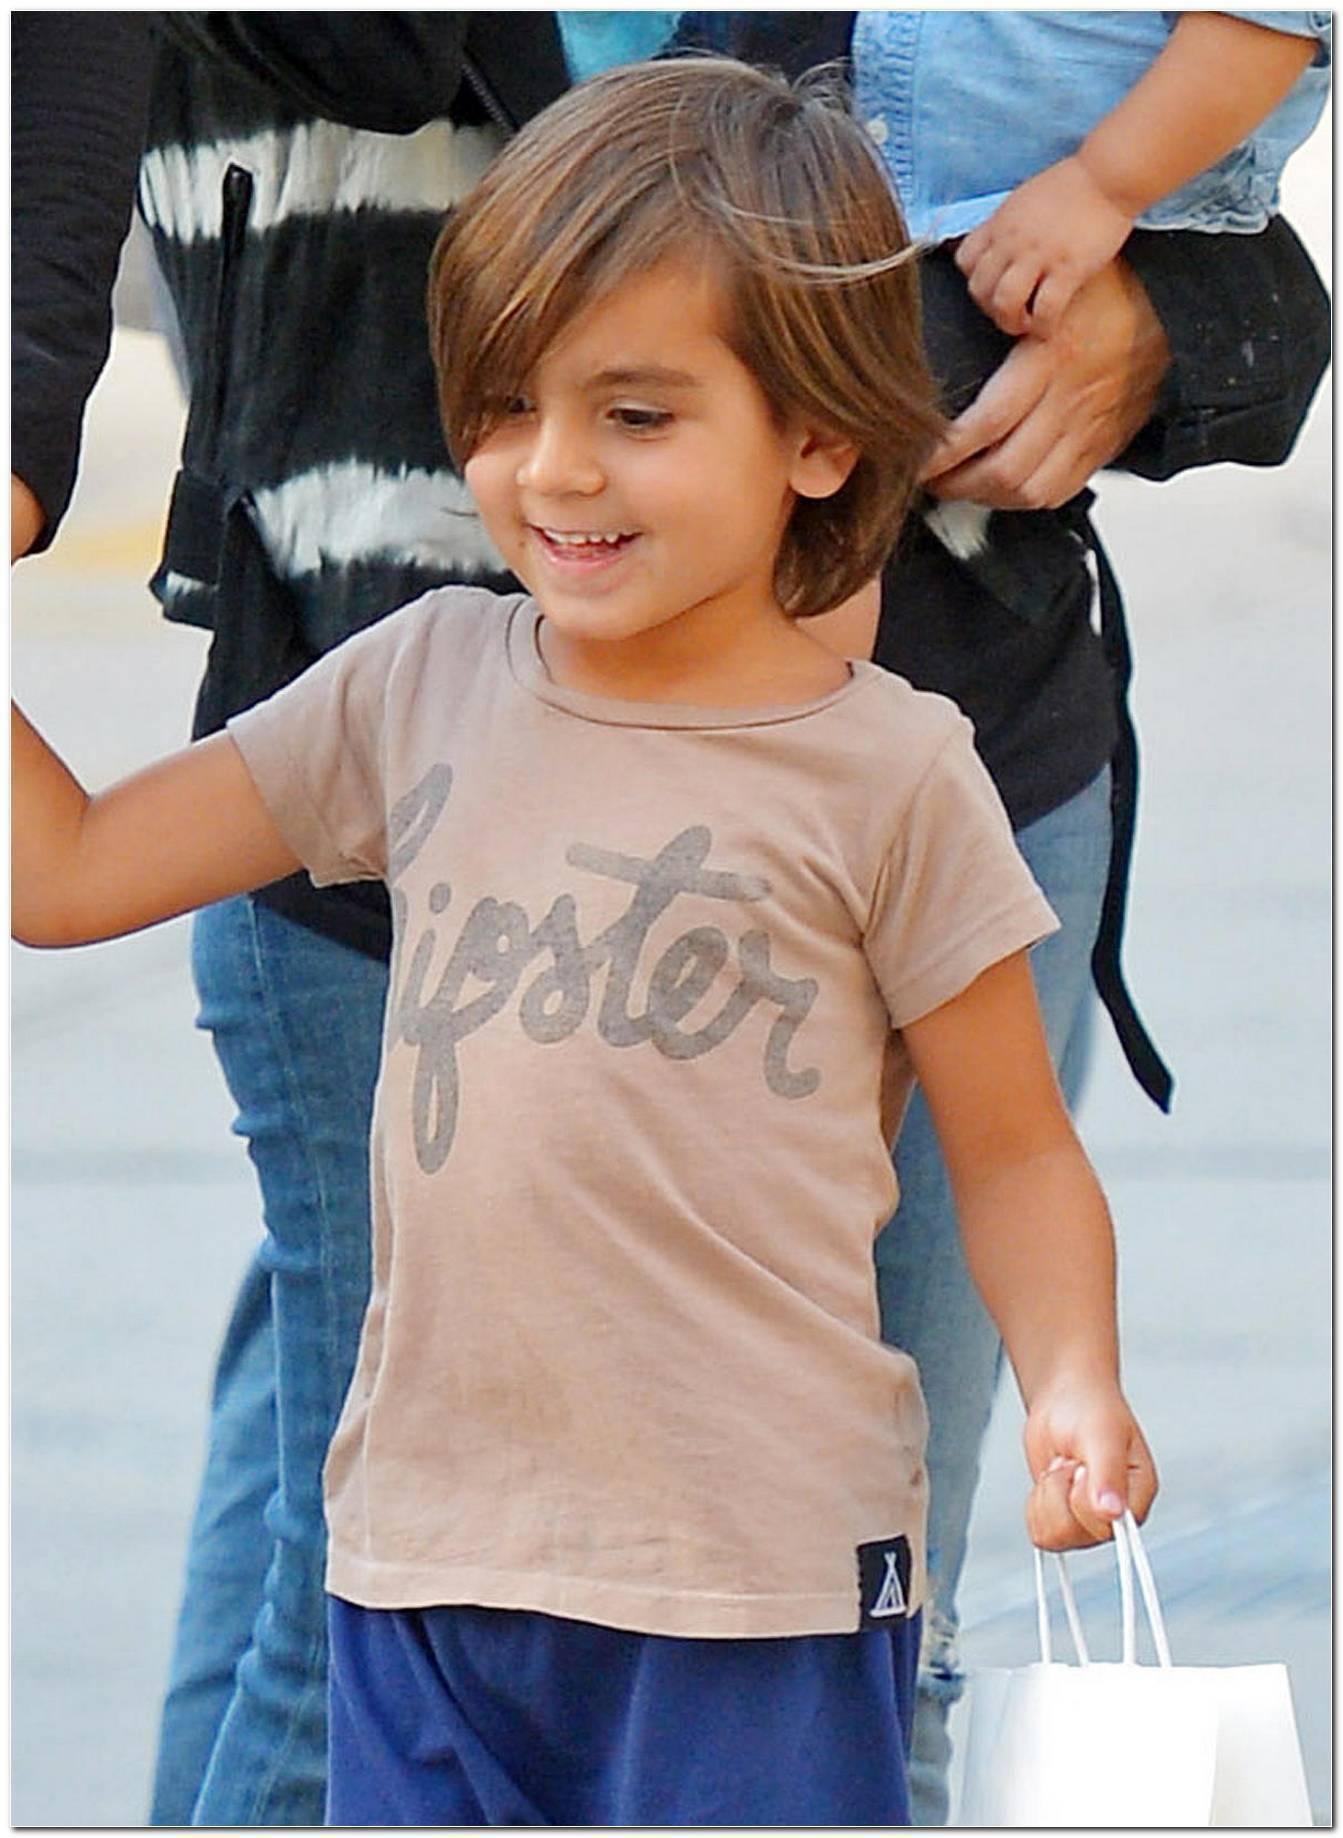 Kinder Frisur Junge 3 Jahre